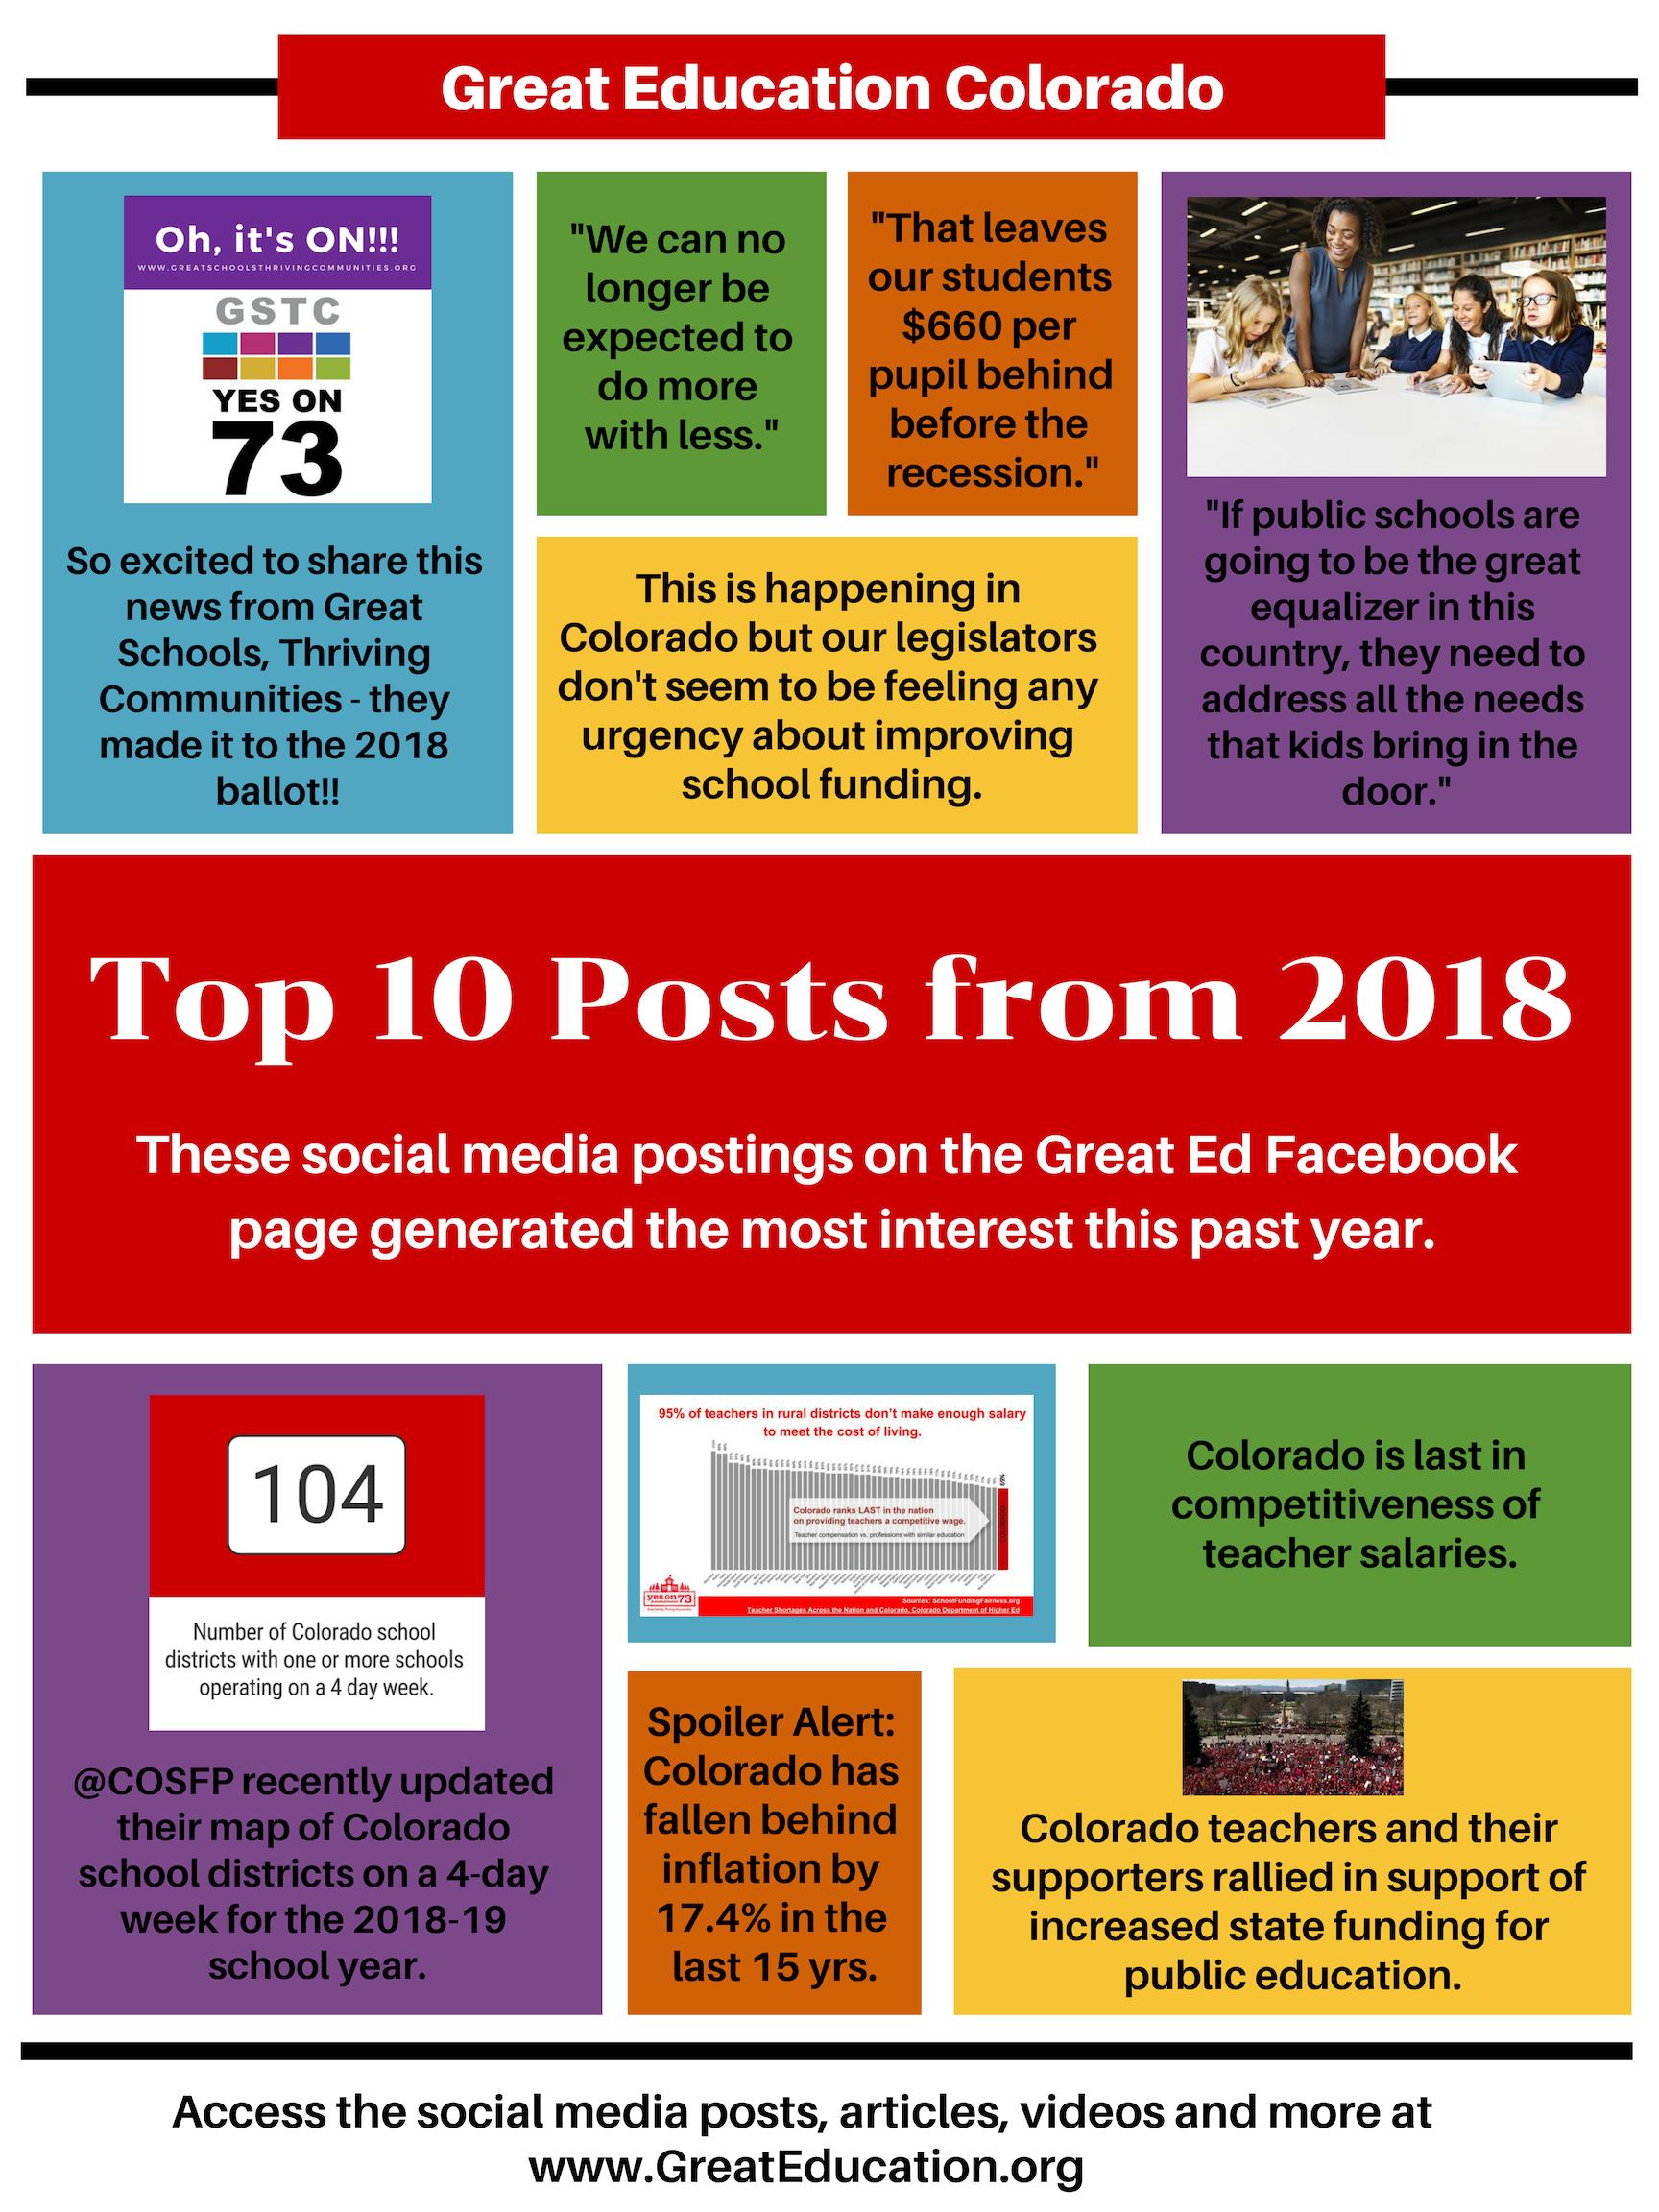 Great Education Colorado | 2018 Social Media Posts (1)